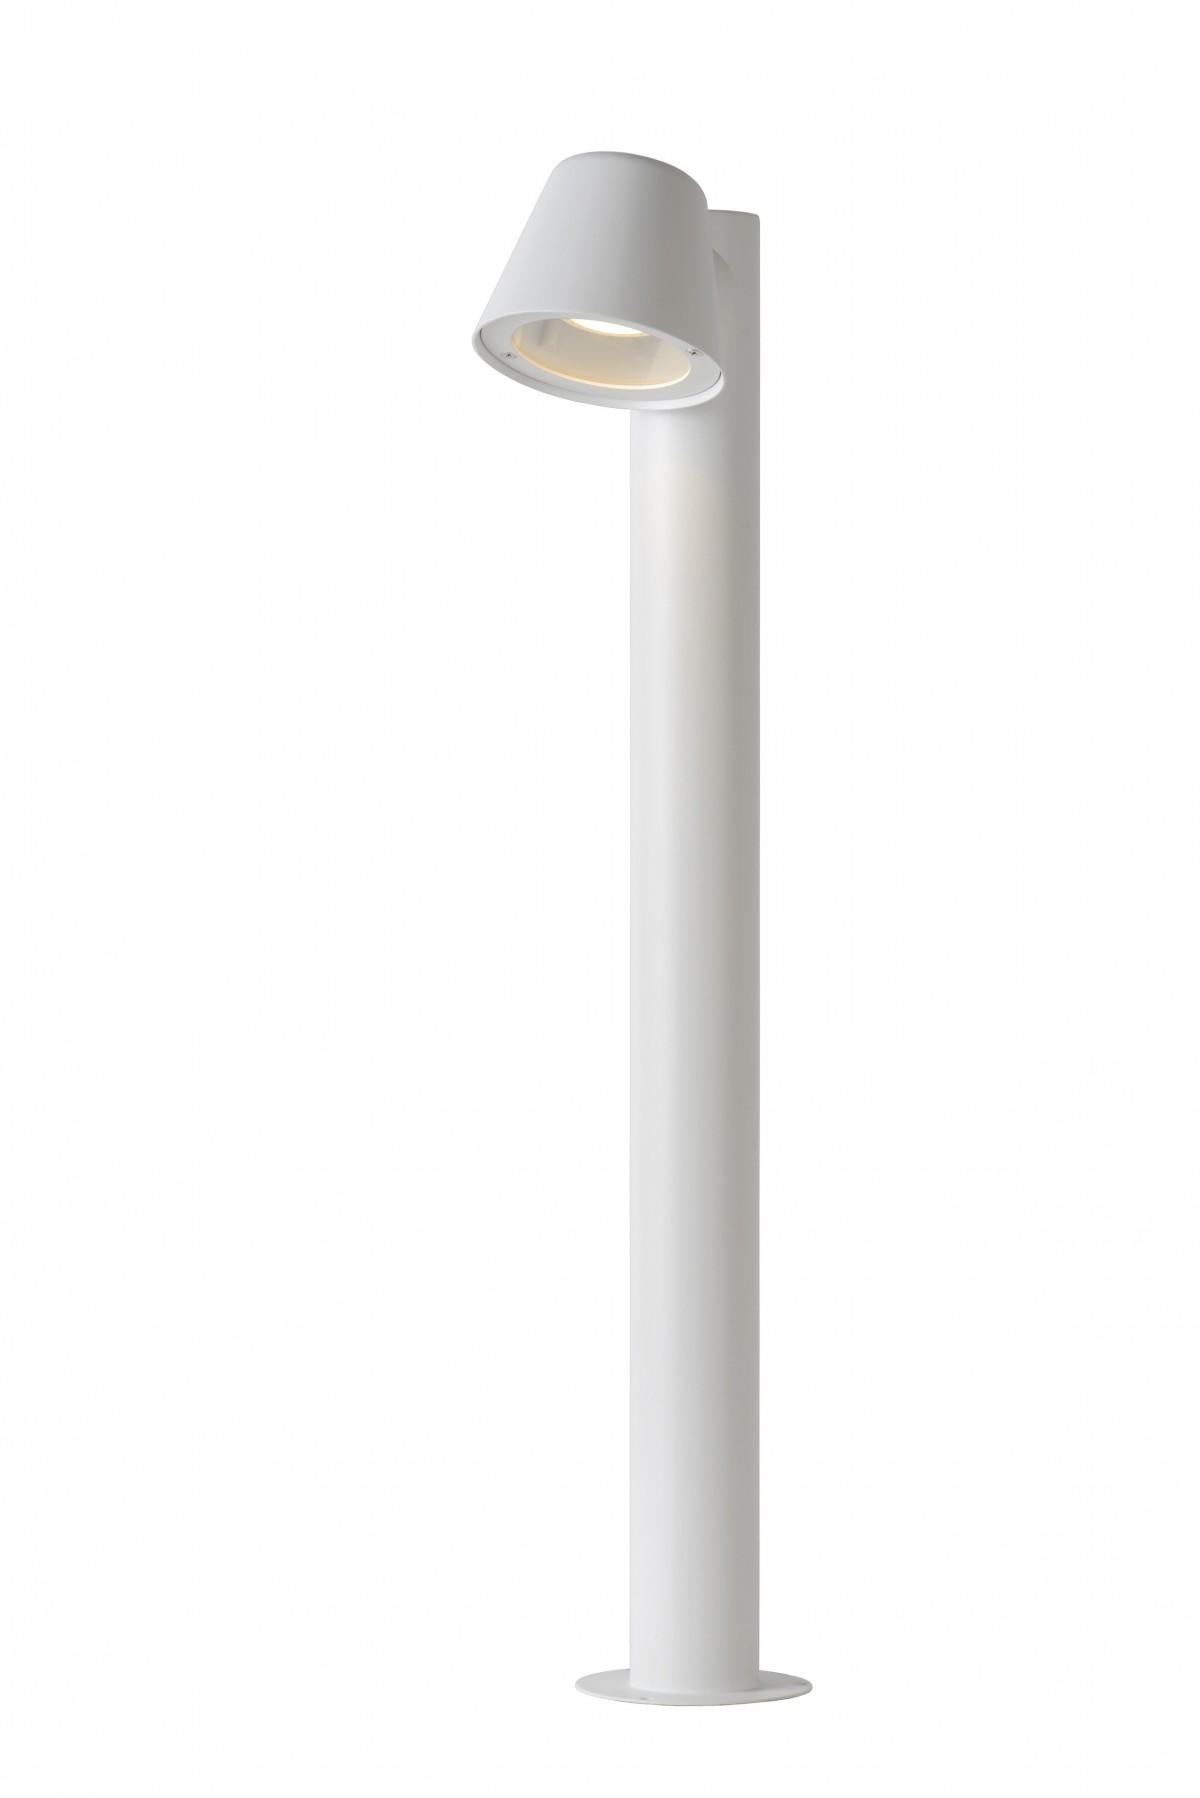 Lucide 14881/70/31 LED venkovní sloupek Dingo 1x5W|GU10|3000K|IP44